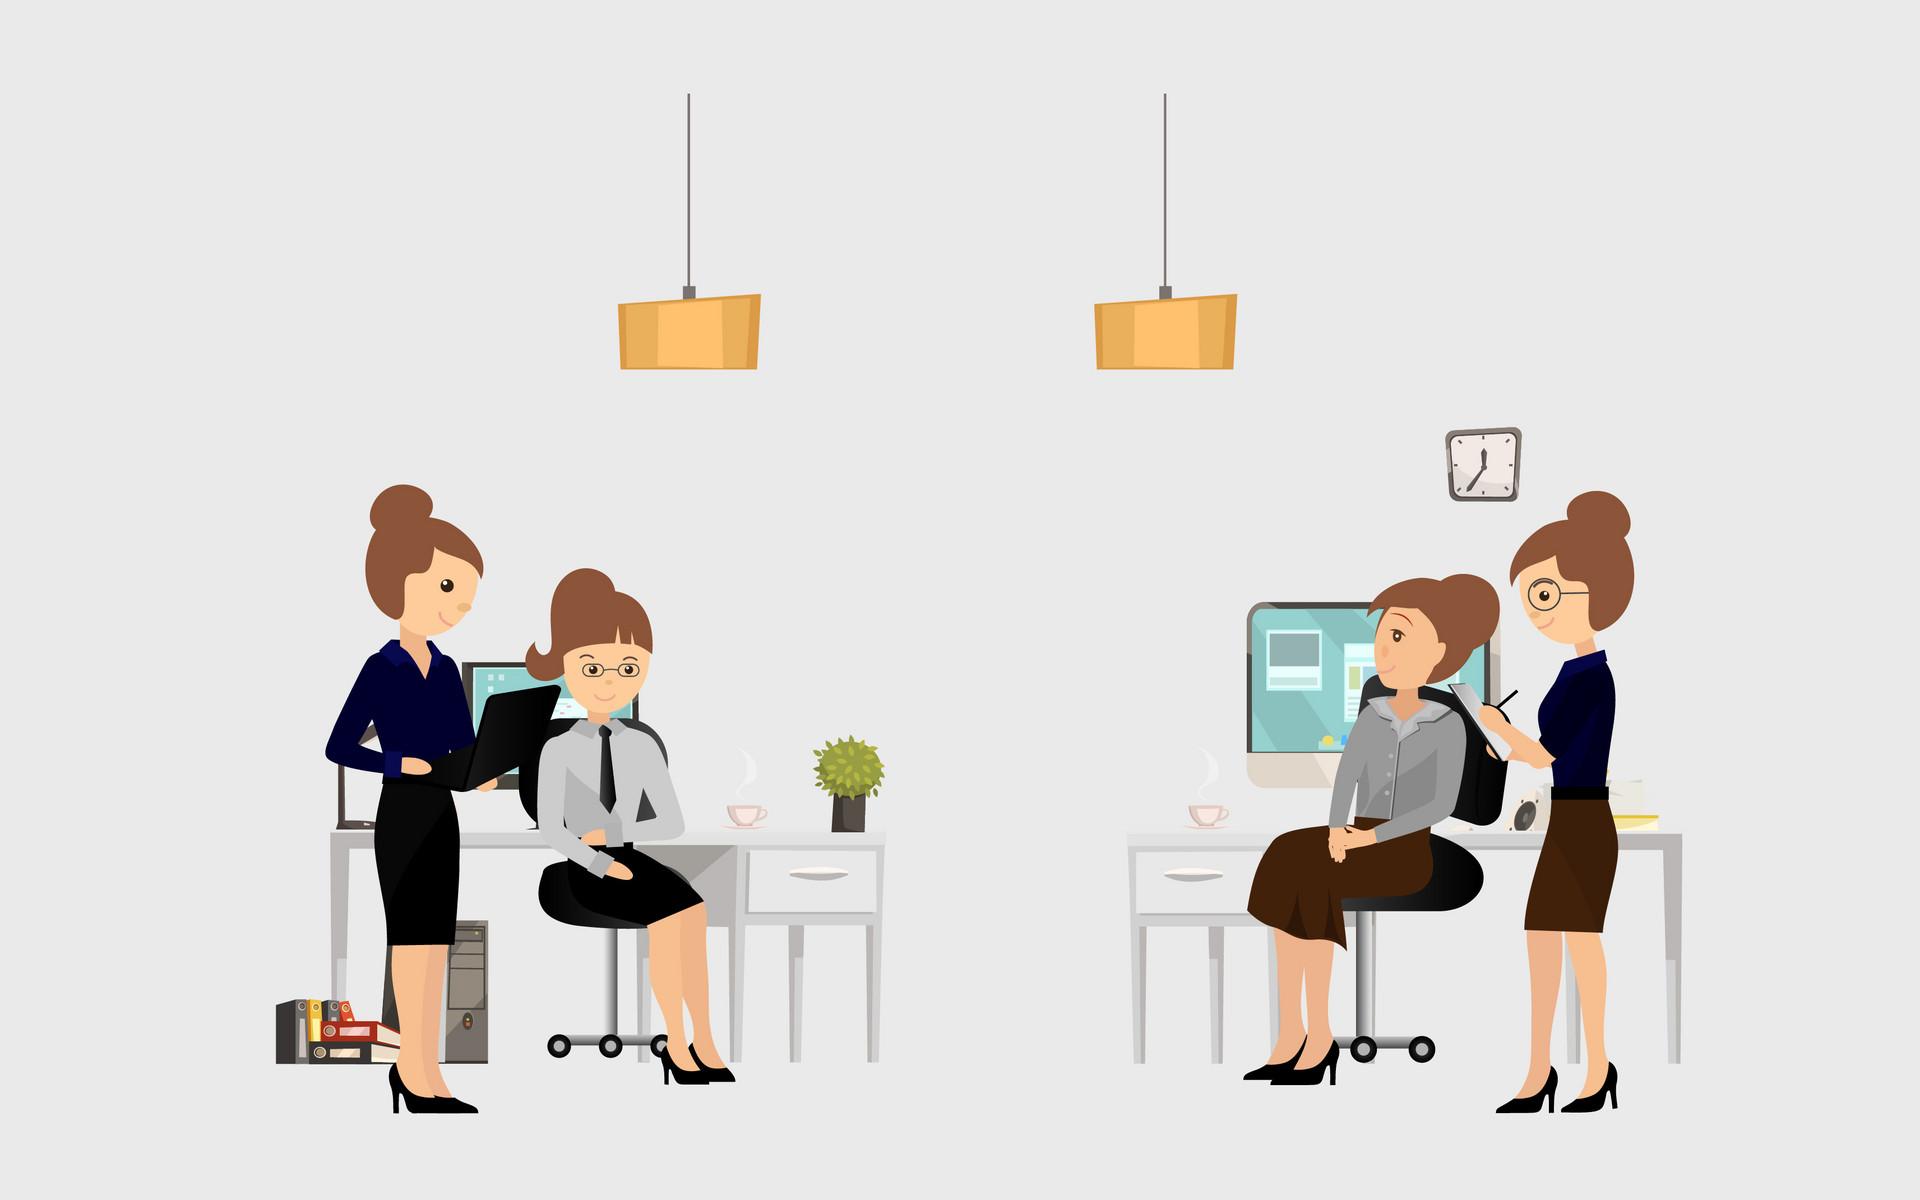 新入职员工管理,新入职员工管理办法,新入职员工培训,如何管理好员工,规范新员工入职管理